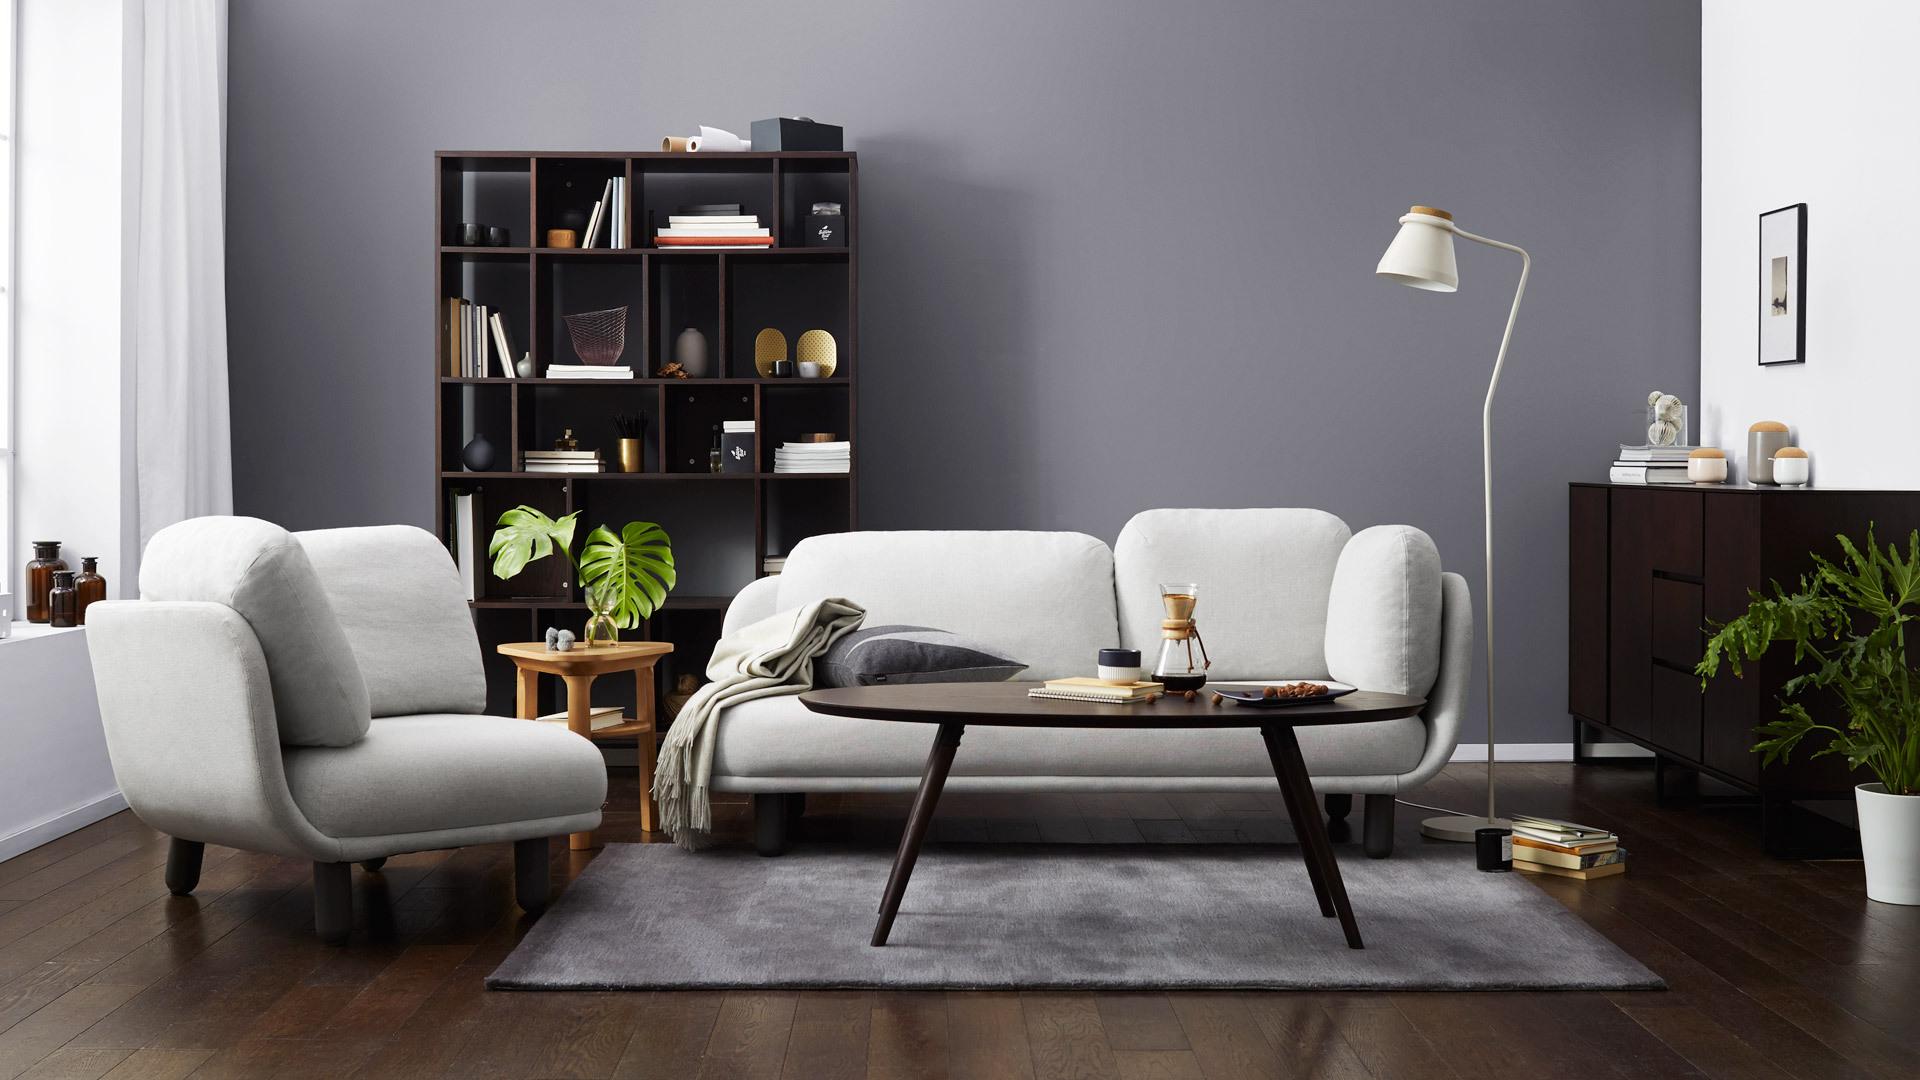 灰白格云团,客厅的优雅围合